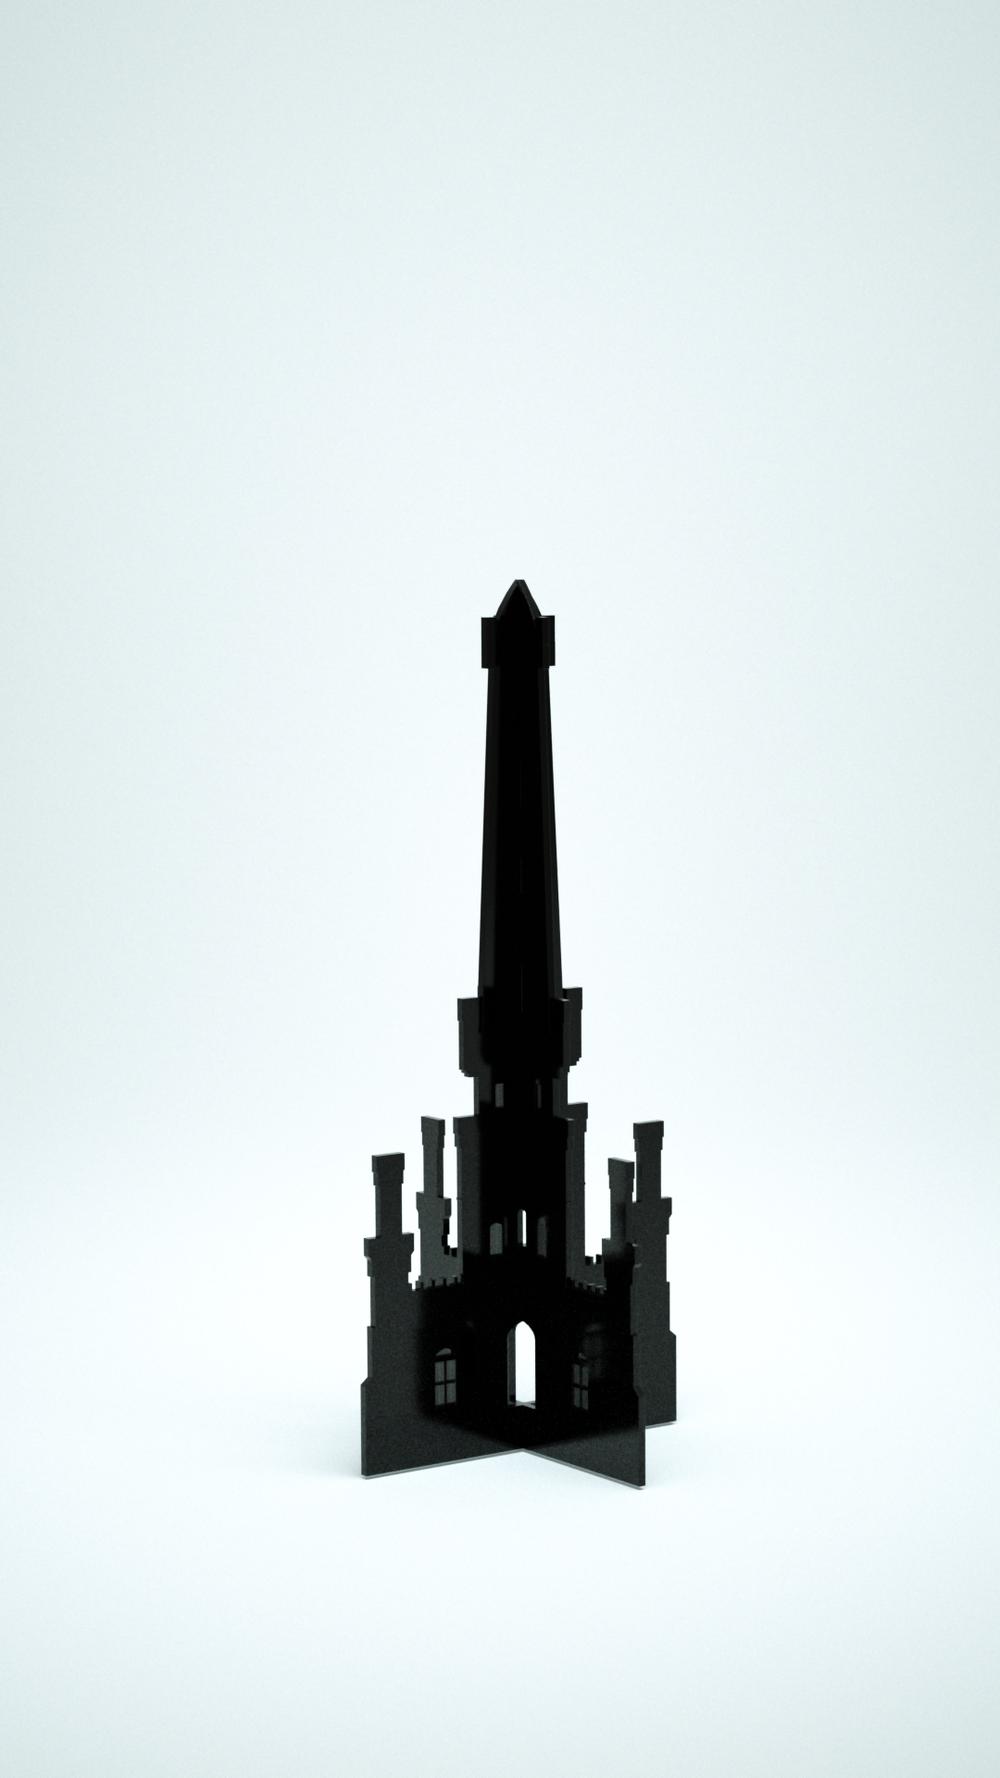 Water Tower, Black